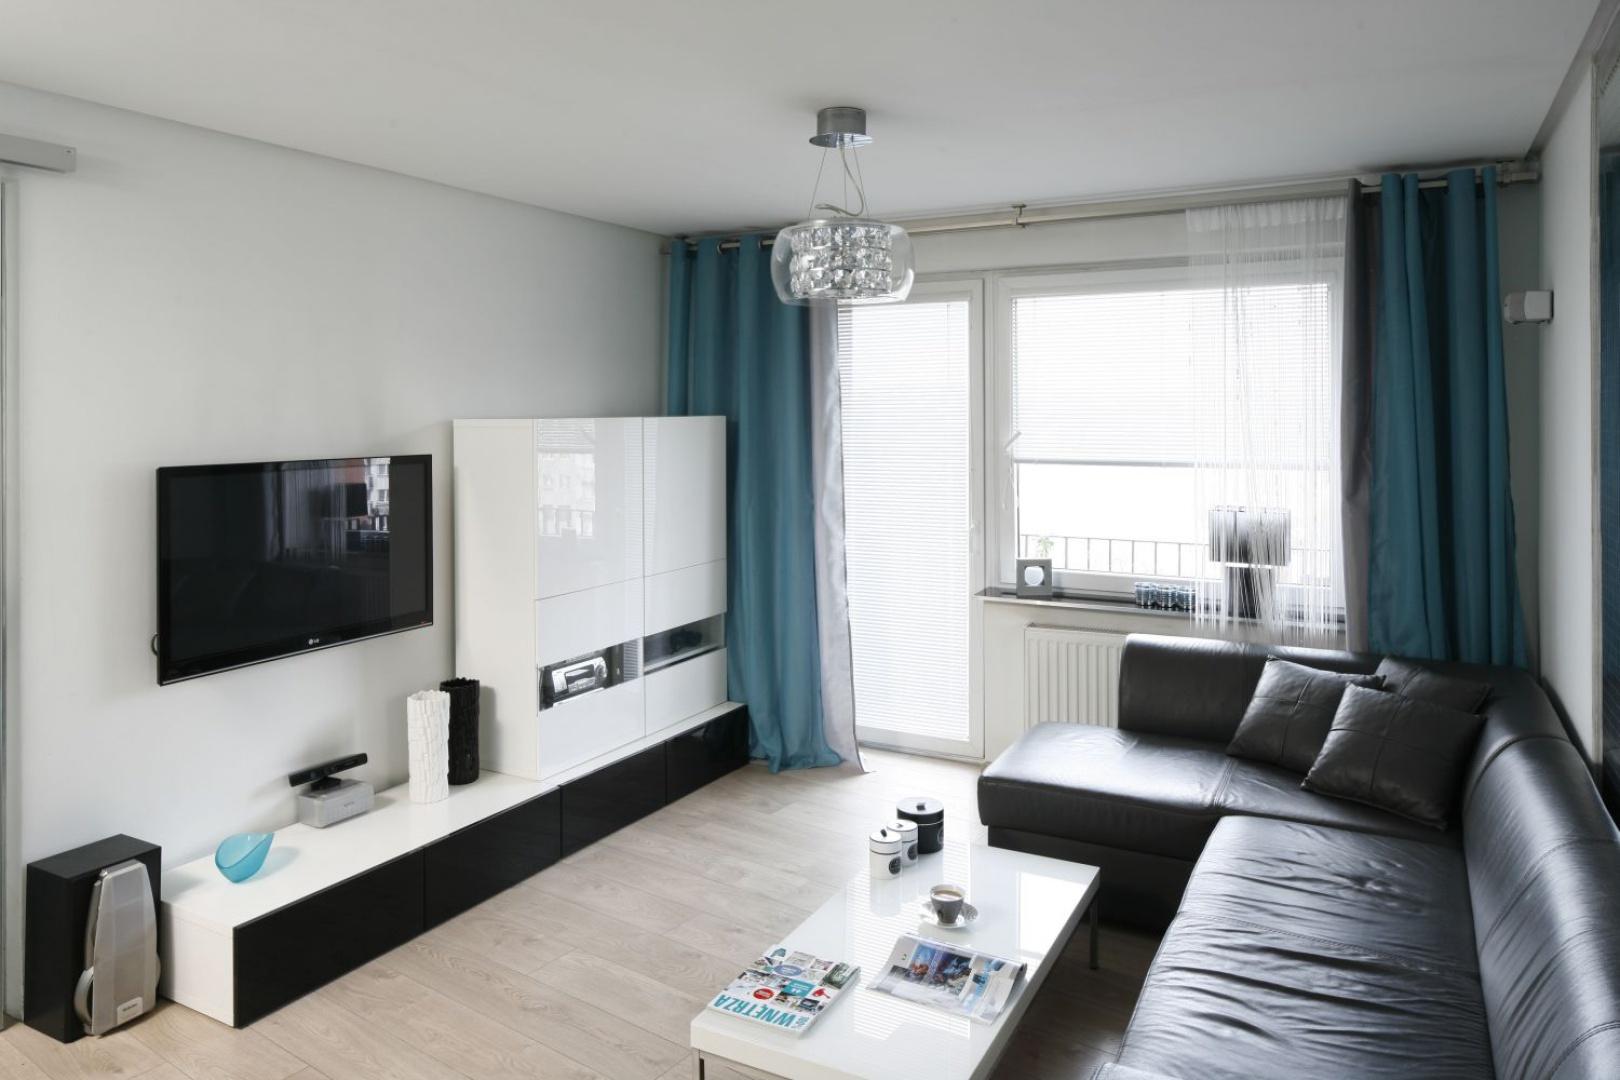 Nieduży salon urządzono w bieli i czerni. Lakierowane formy optycznie powiększają przestrzeń, turkus ożywia całość. Projekt: Marta Kilan. Fot. Bartosz Jarosz.